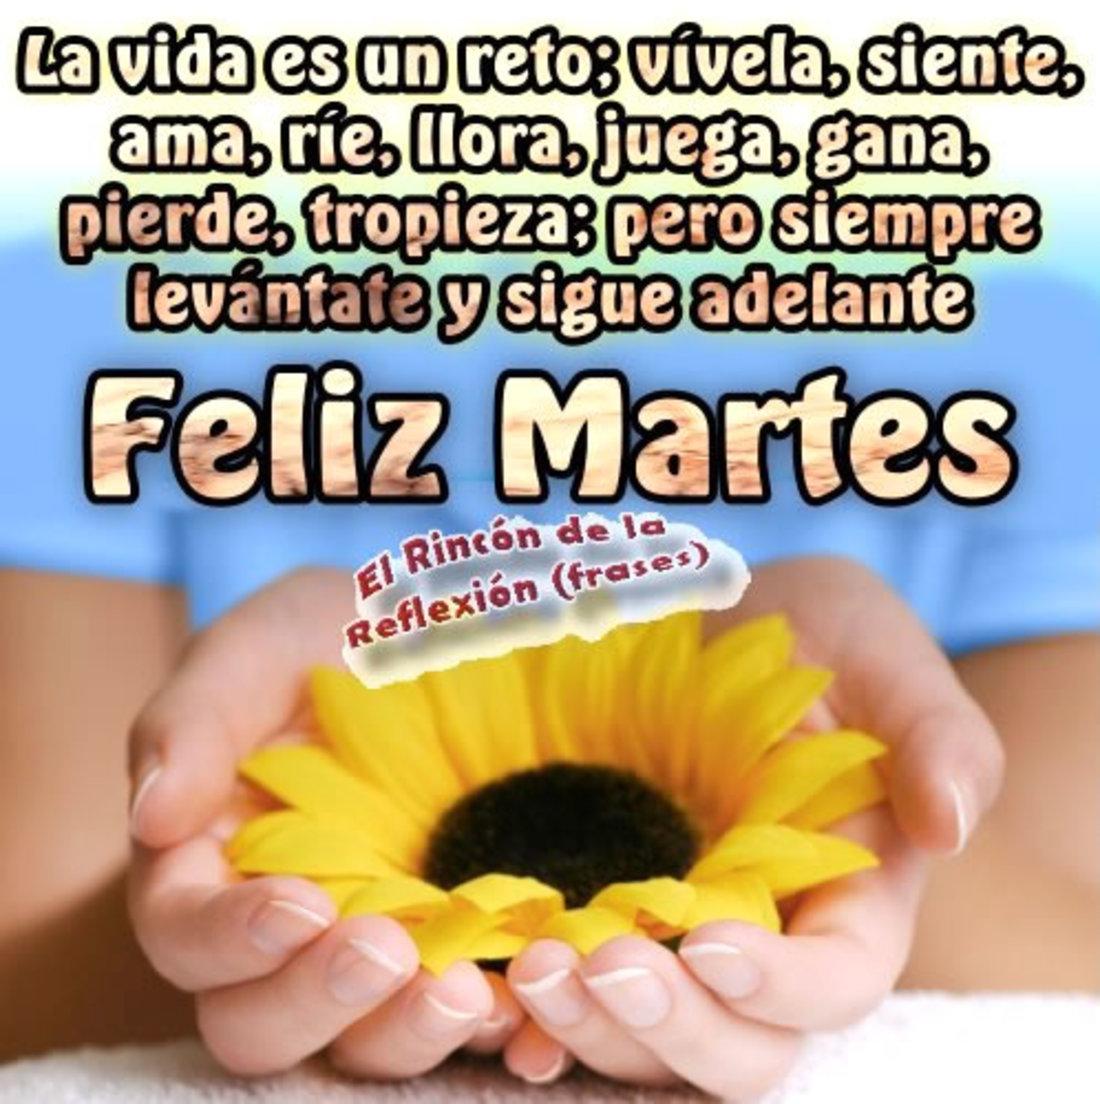 La vida es un reto: vivela, siente, ama, llora, juega, gana, pierde, tropieza, pero siempre levantate y sigue adelante! Feliz martes